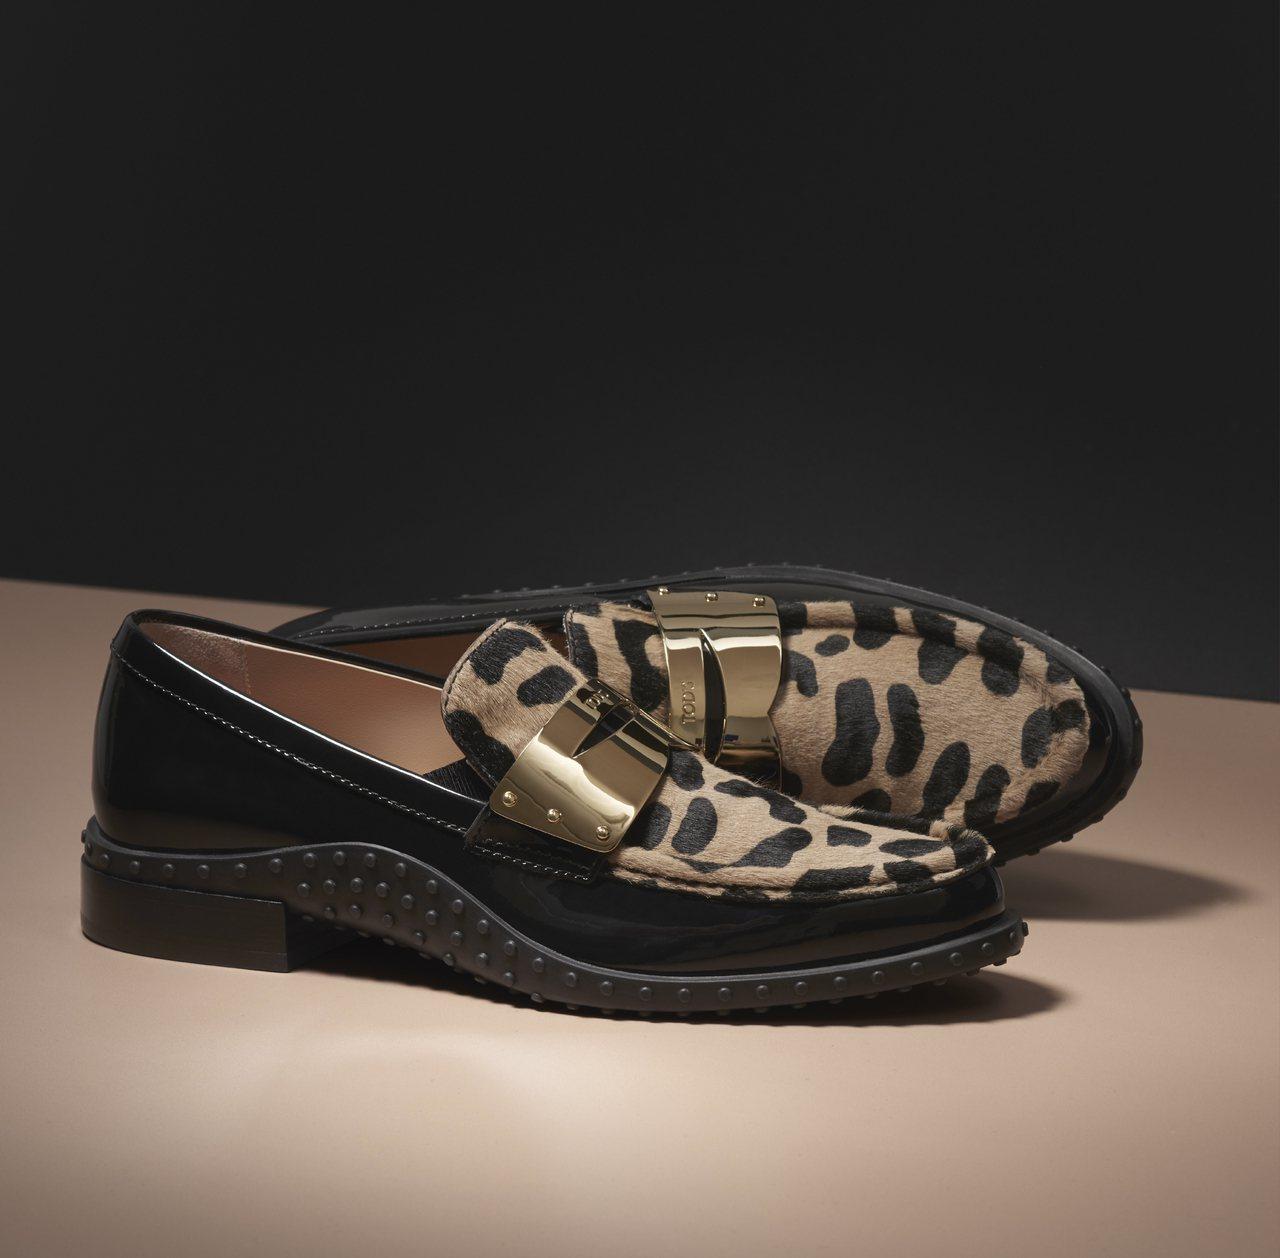 TOD'S豹紋牛毛膠底樂福鞋,32,300元。圖/迪生提供